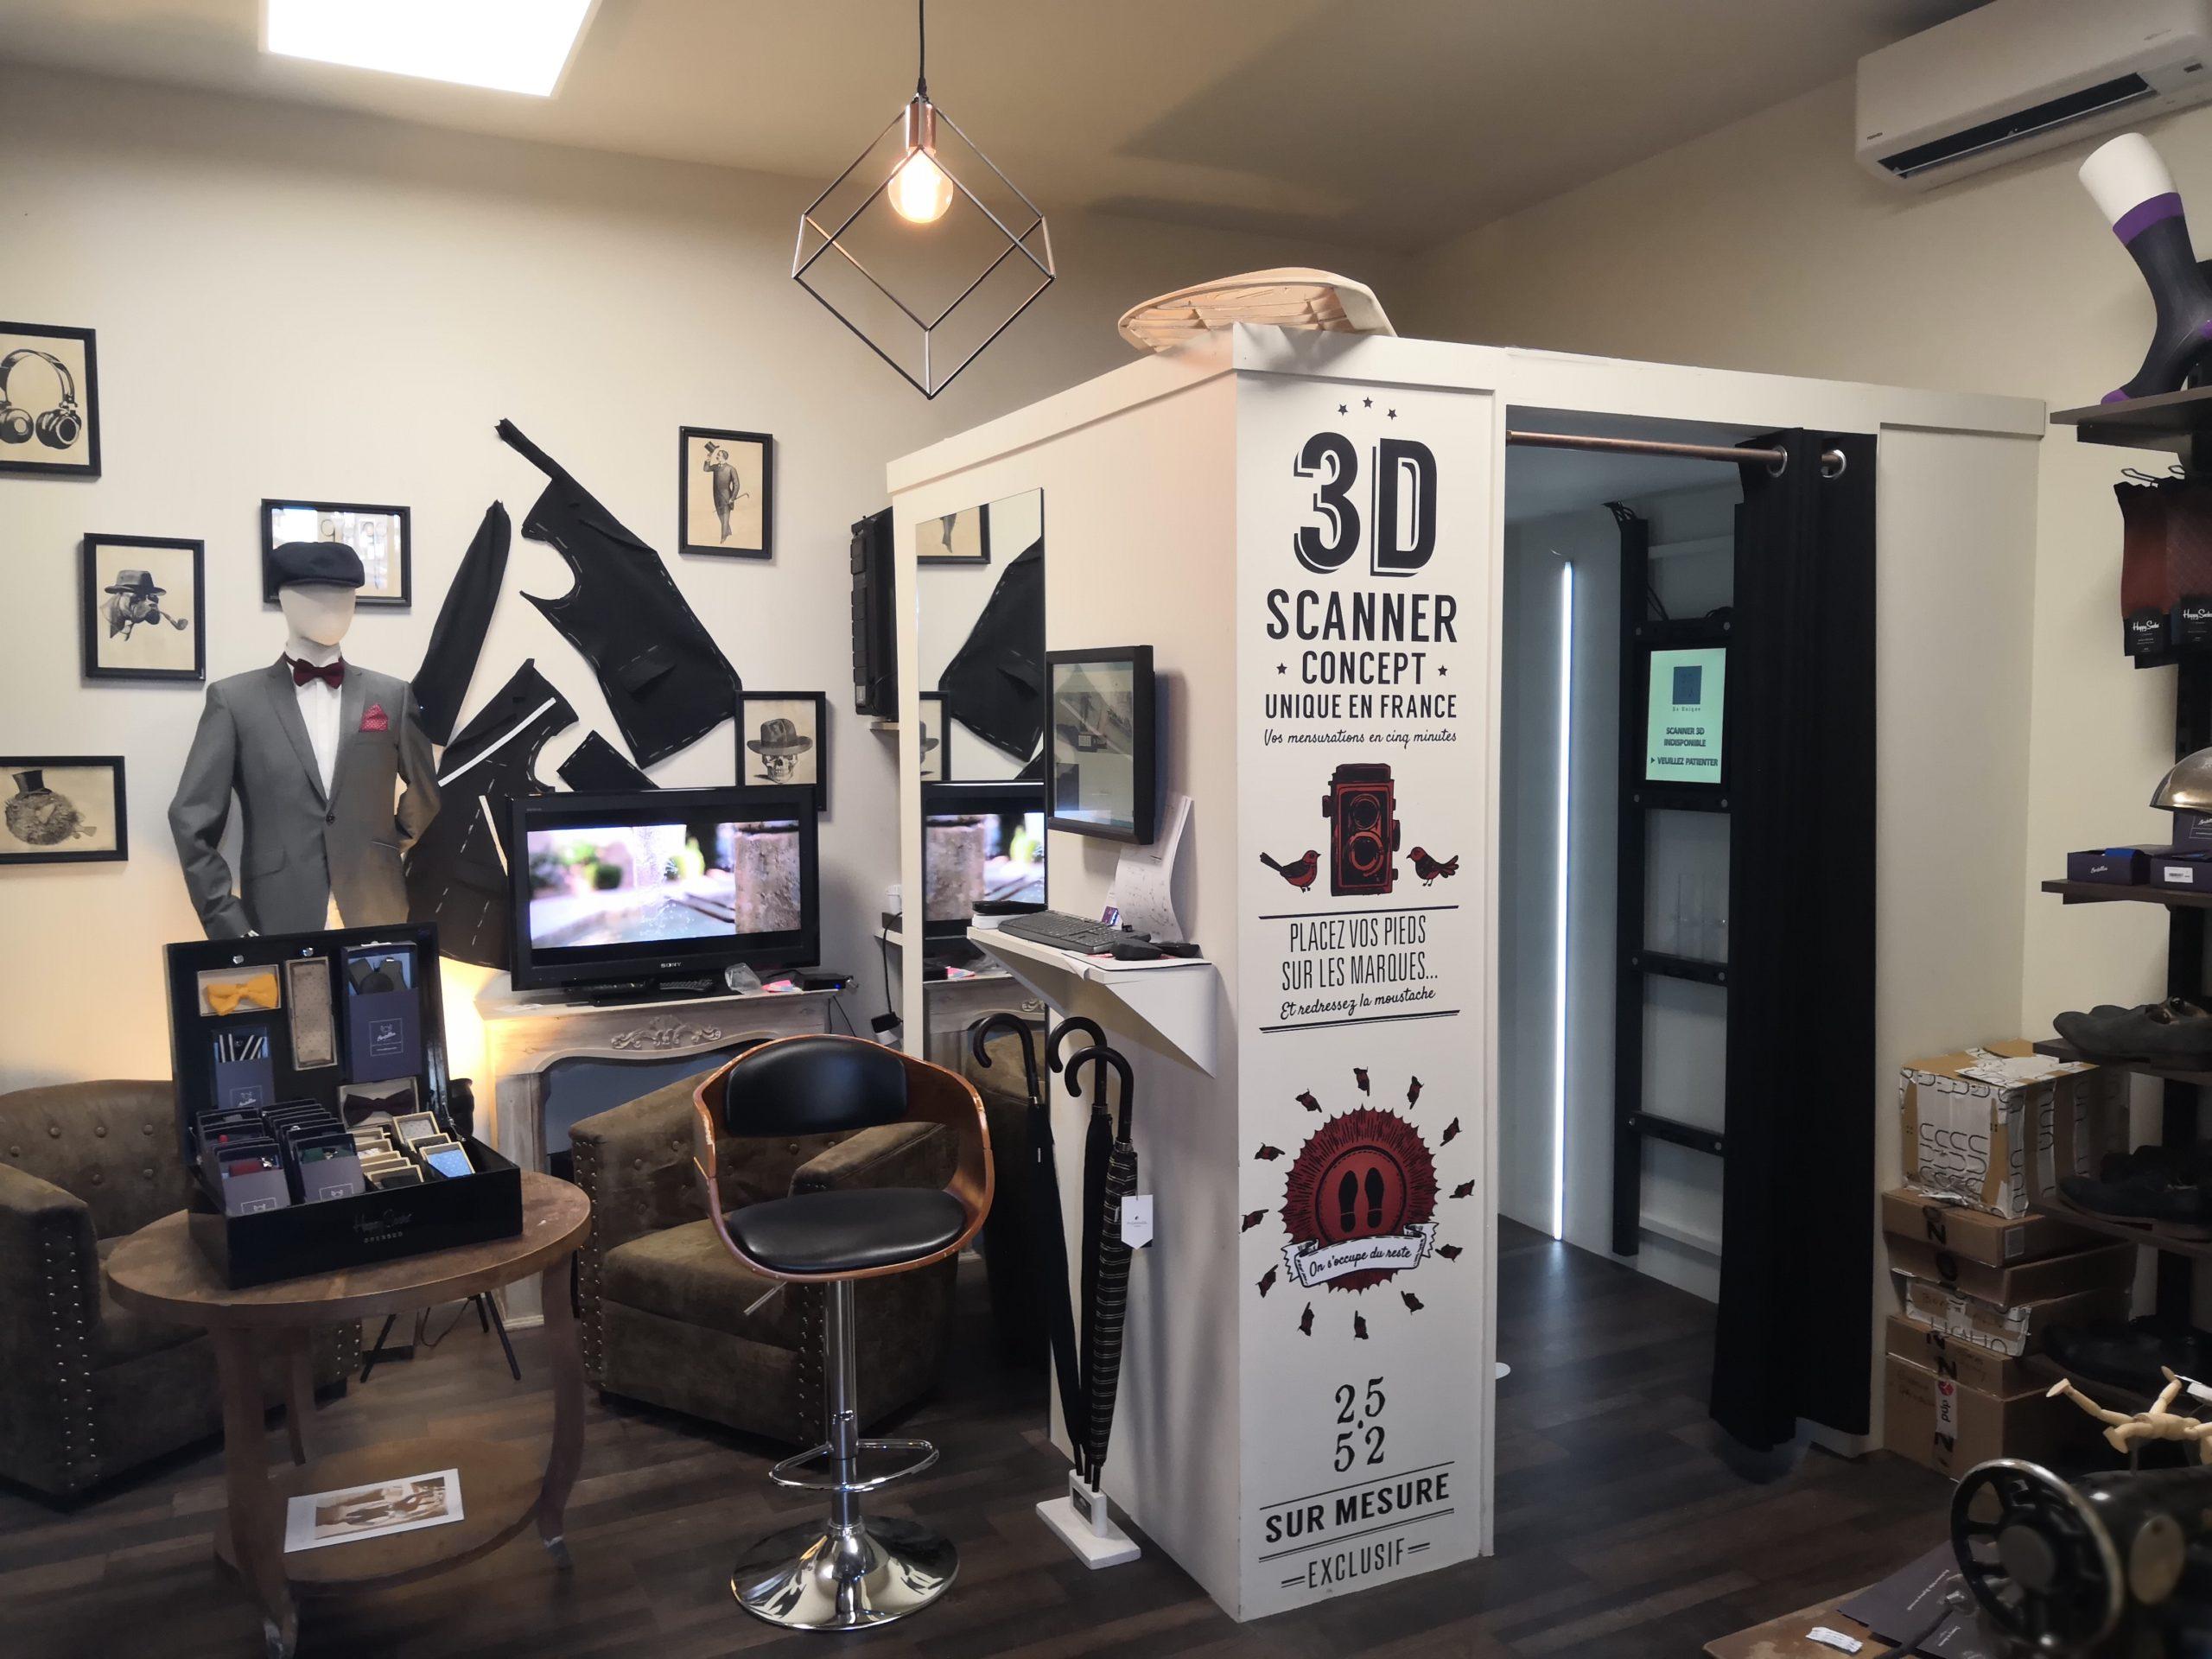 Le Scanner 3D